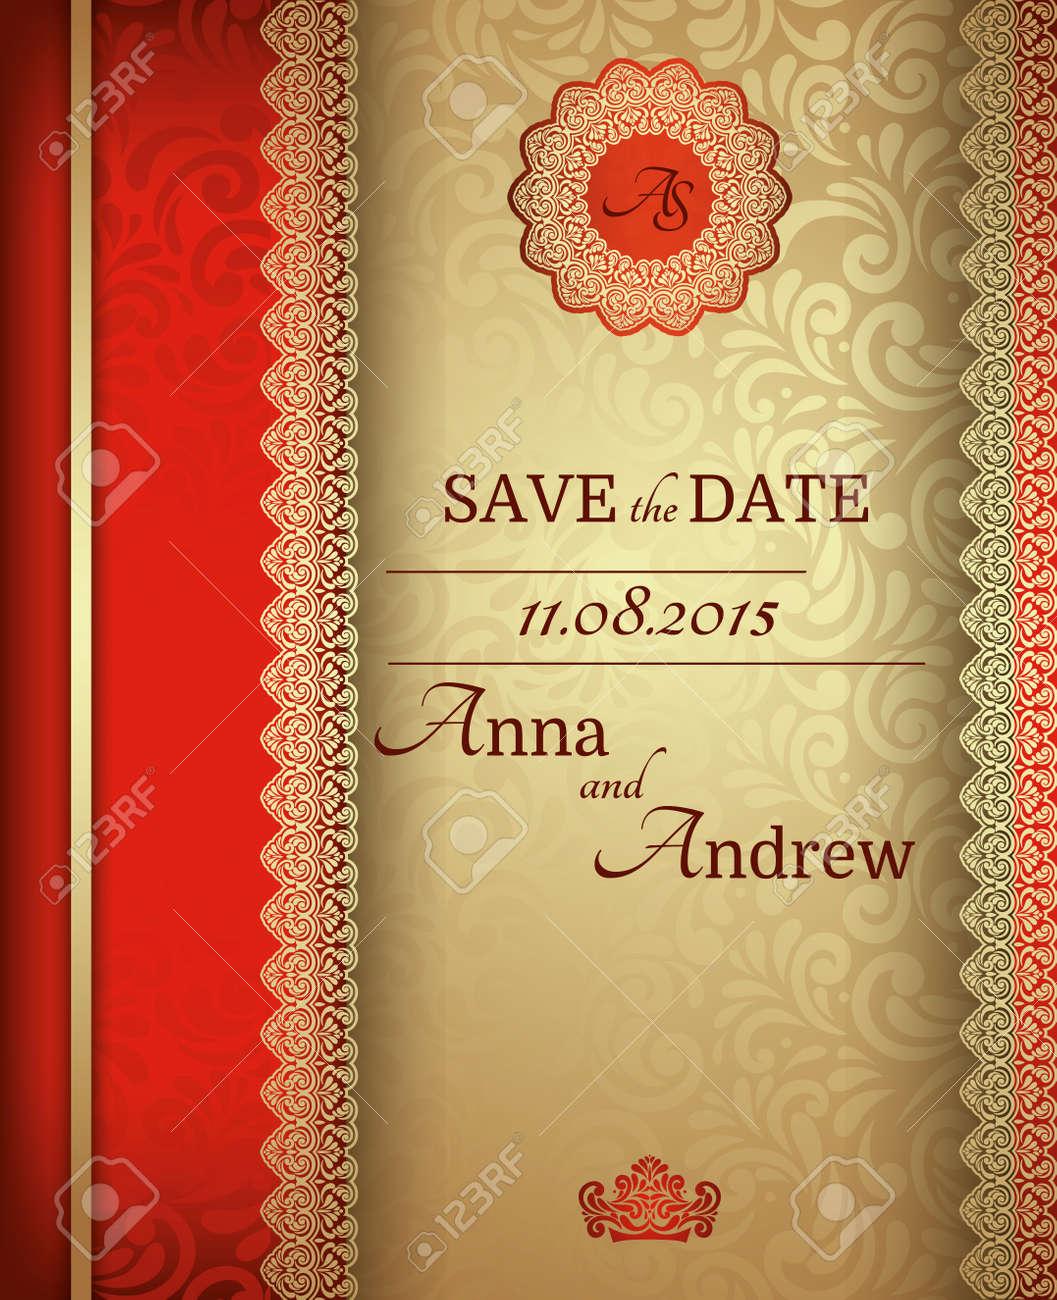 Invitation Card Baroque Golden And Red Vintage Frame Border